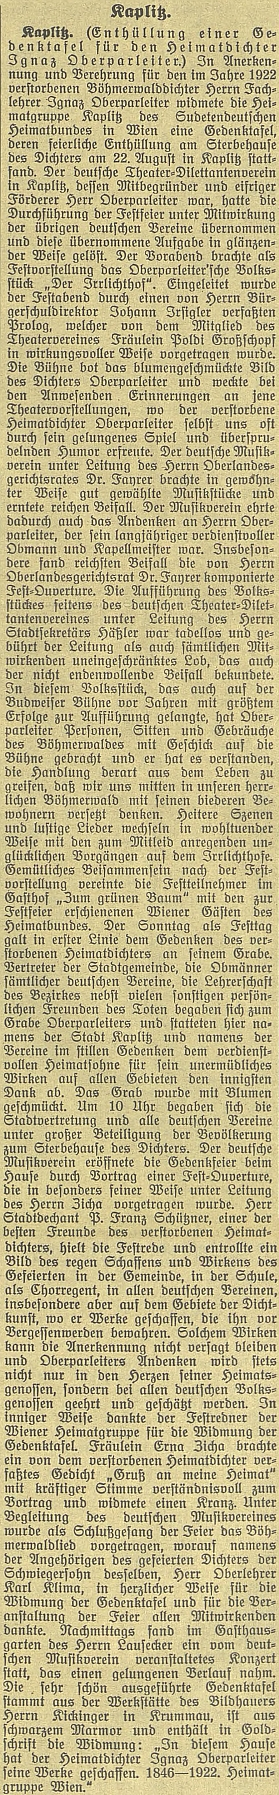 ... a ještě jedna rozsáhlejší zpráva - akt se konal téhož dne jako odhalení pamětní desky Josefu Ganglovi vNěmeckém Benešově, tj. v neděli 22. srpna roku 1926